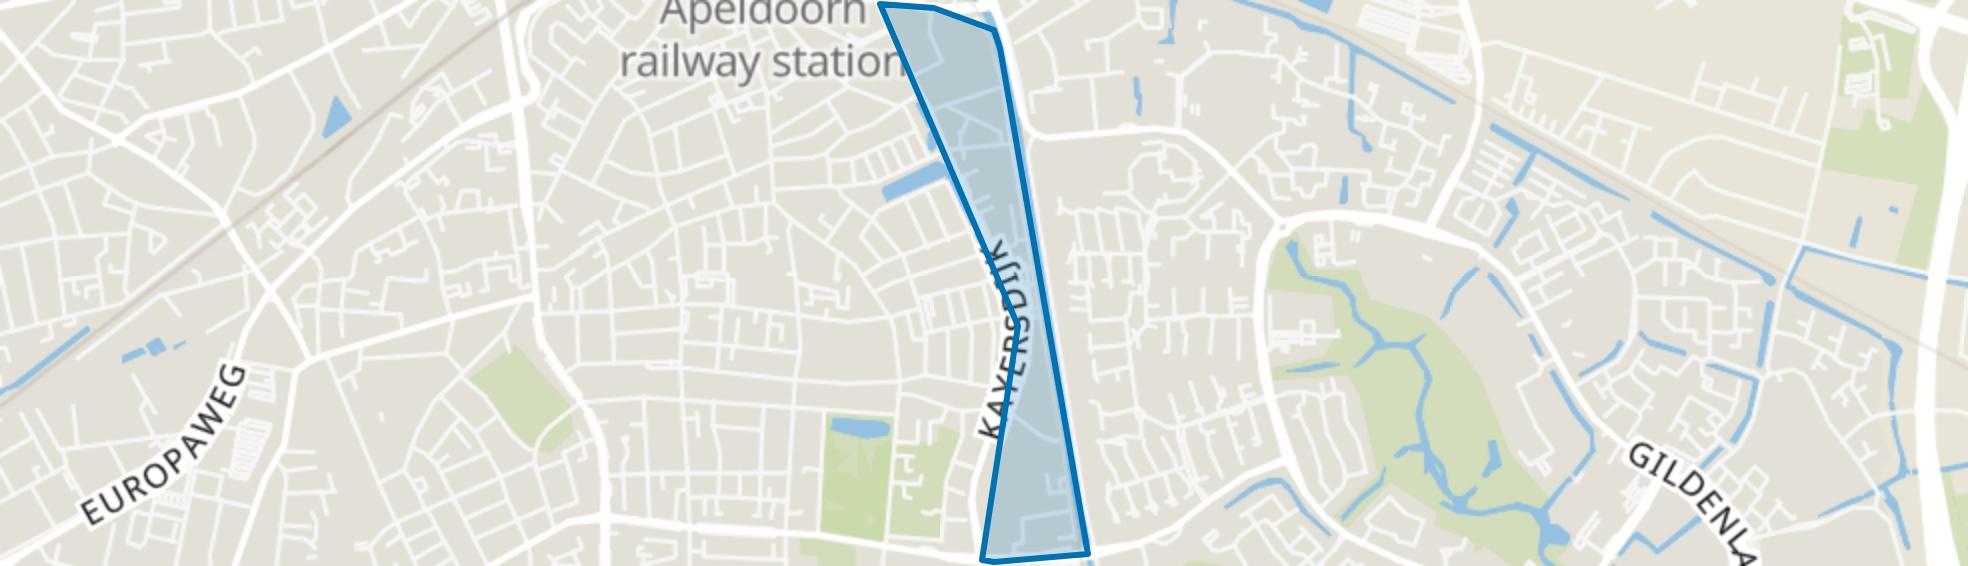 Kayersmolen-Noord, Apeldoorn map